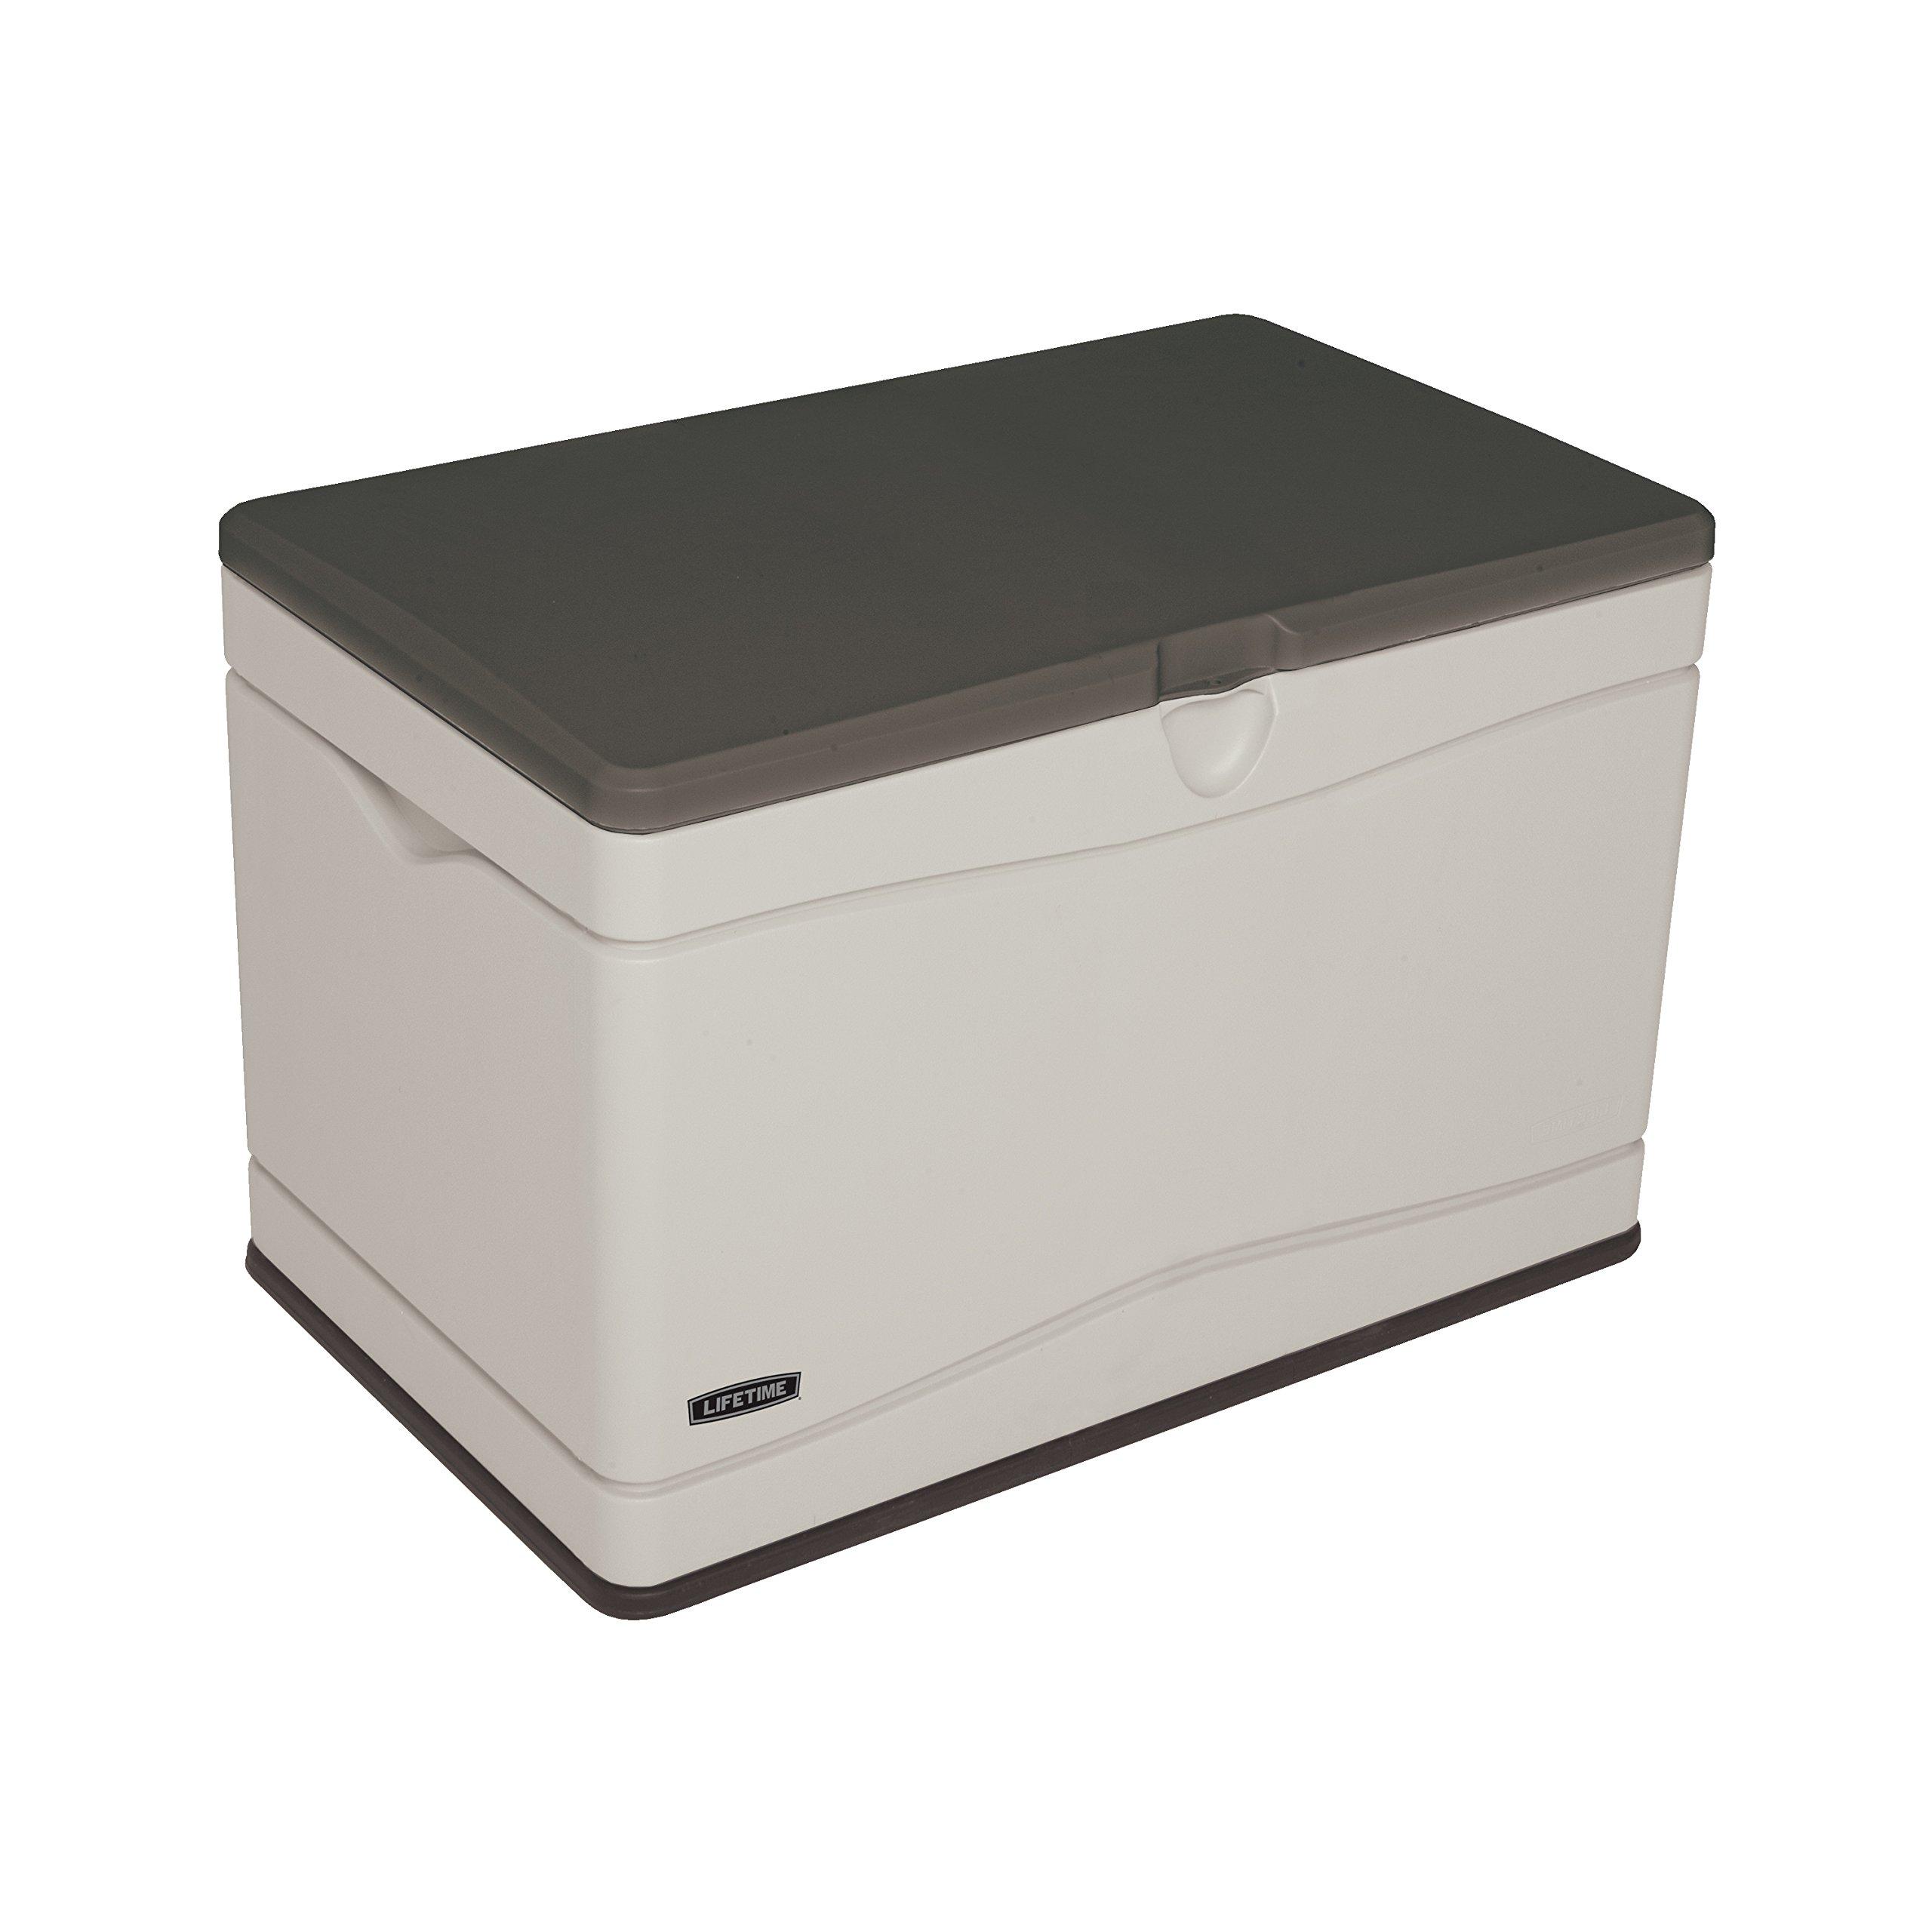 Lifetime 60103 Deck Storage Box, 80 gallon